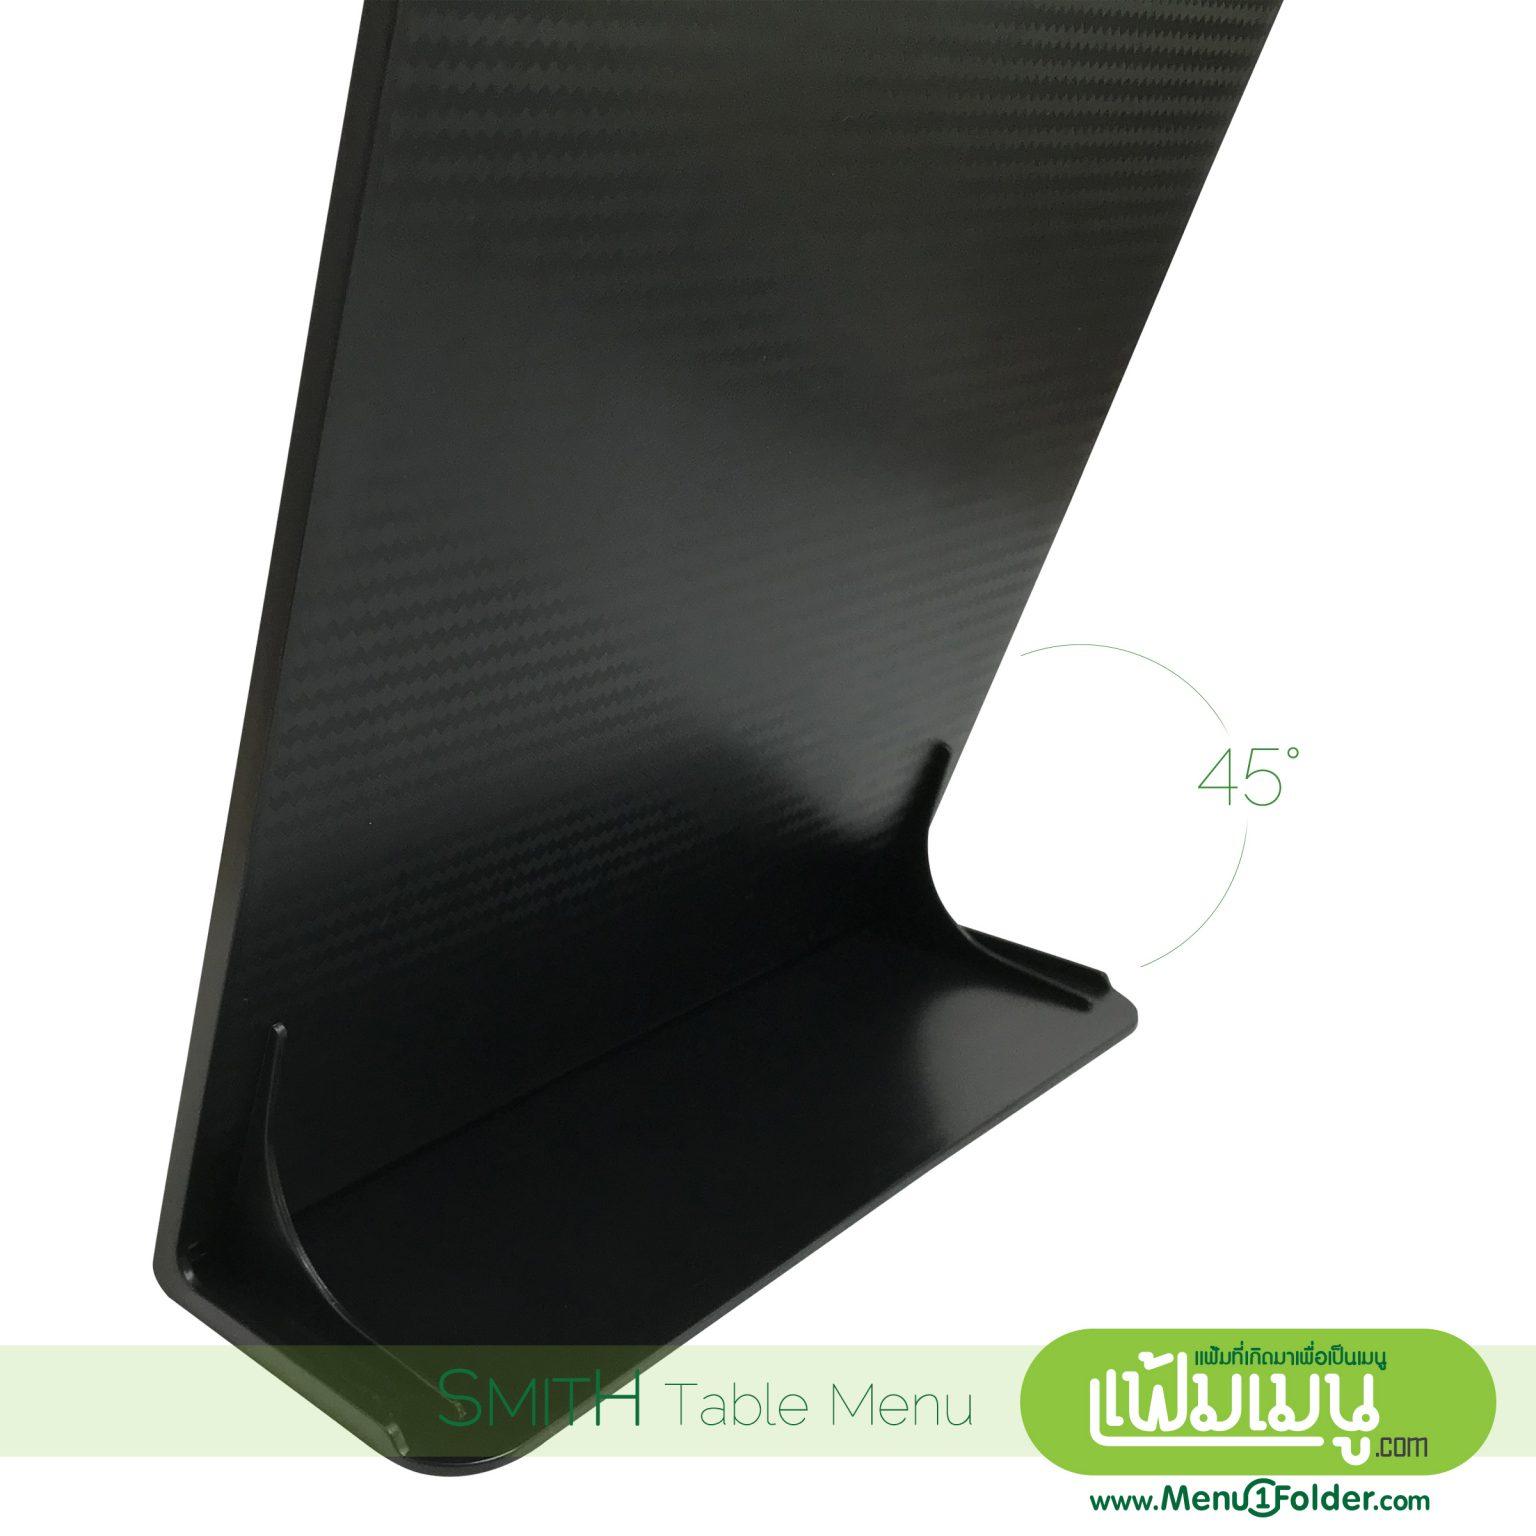 บอร์ดตั้งโต๊ะสีดำ เงา A4 ดีไซน์ สวย